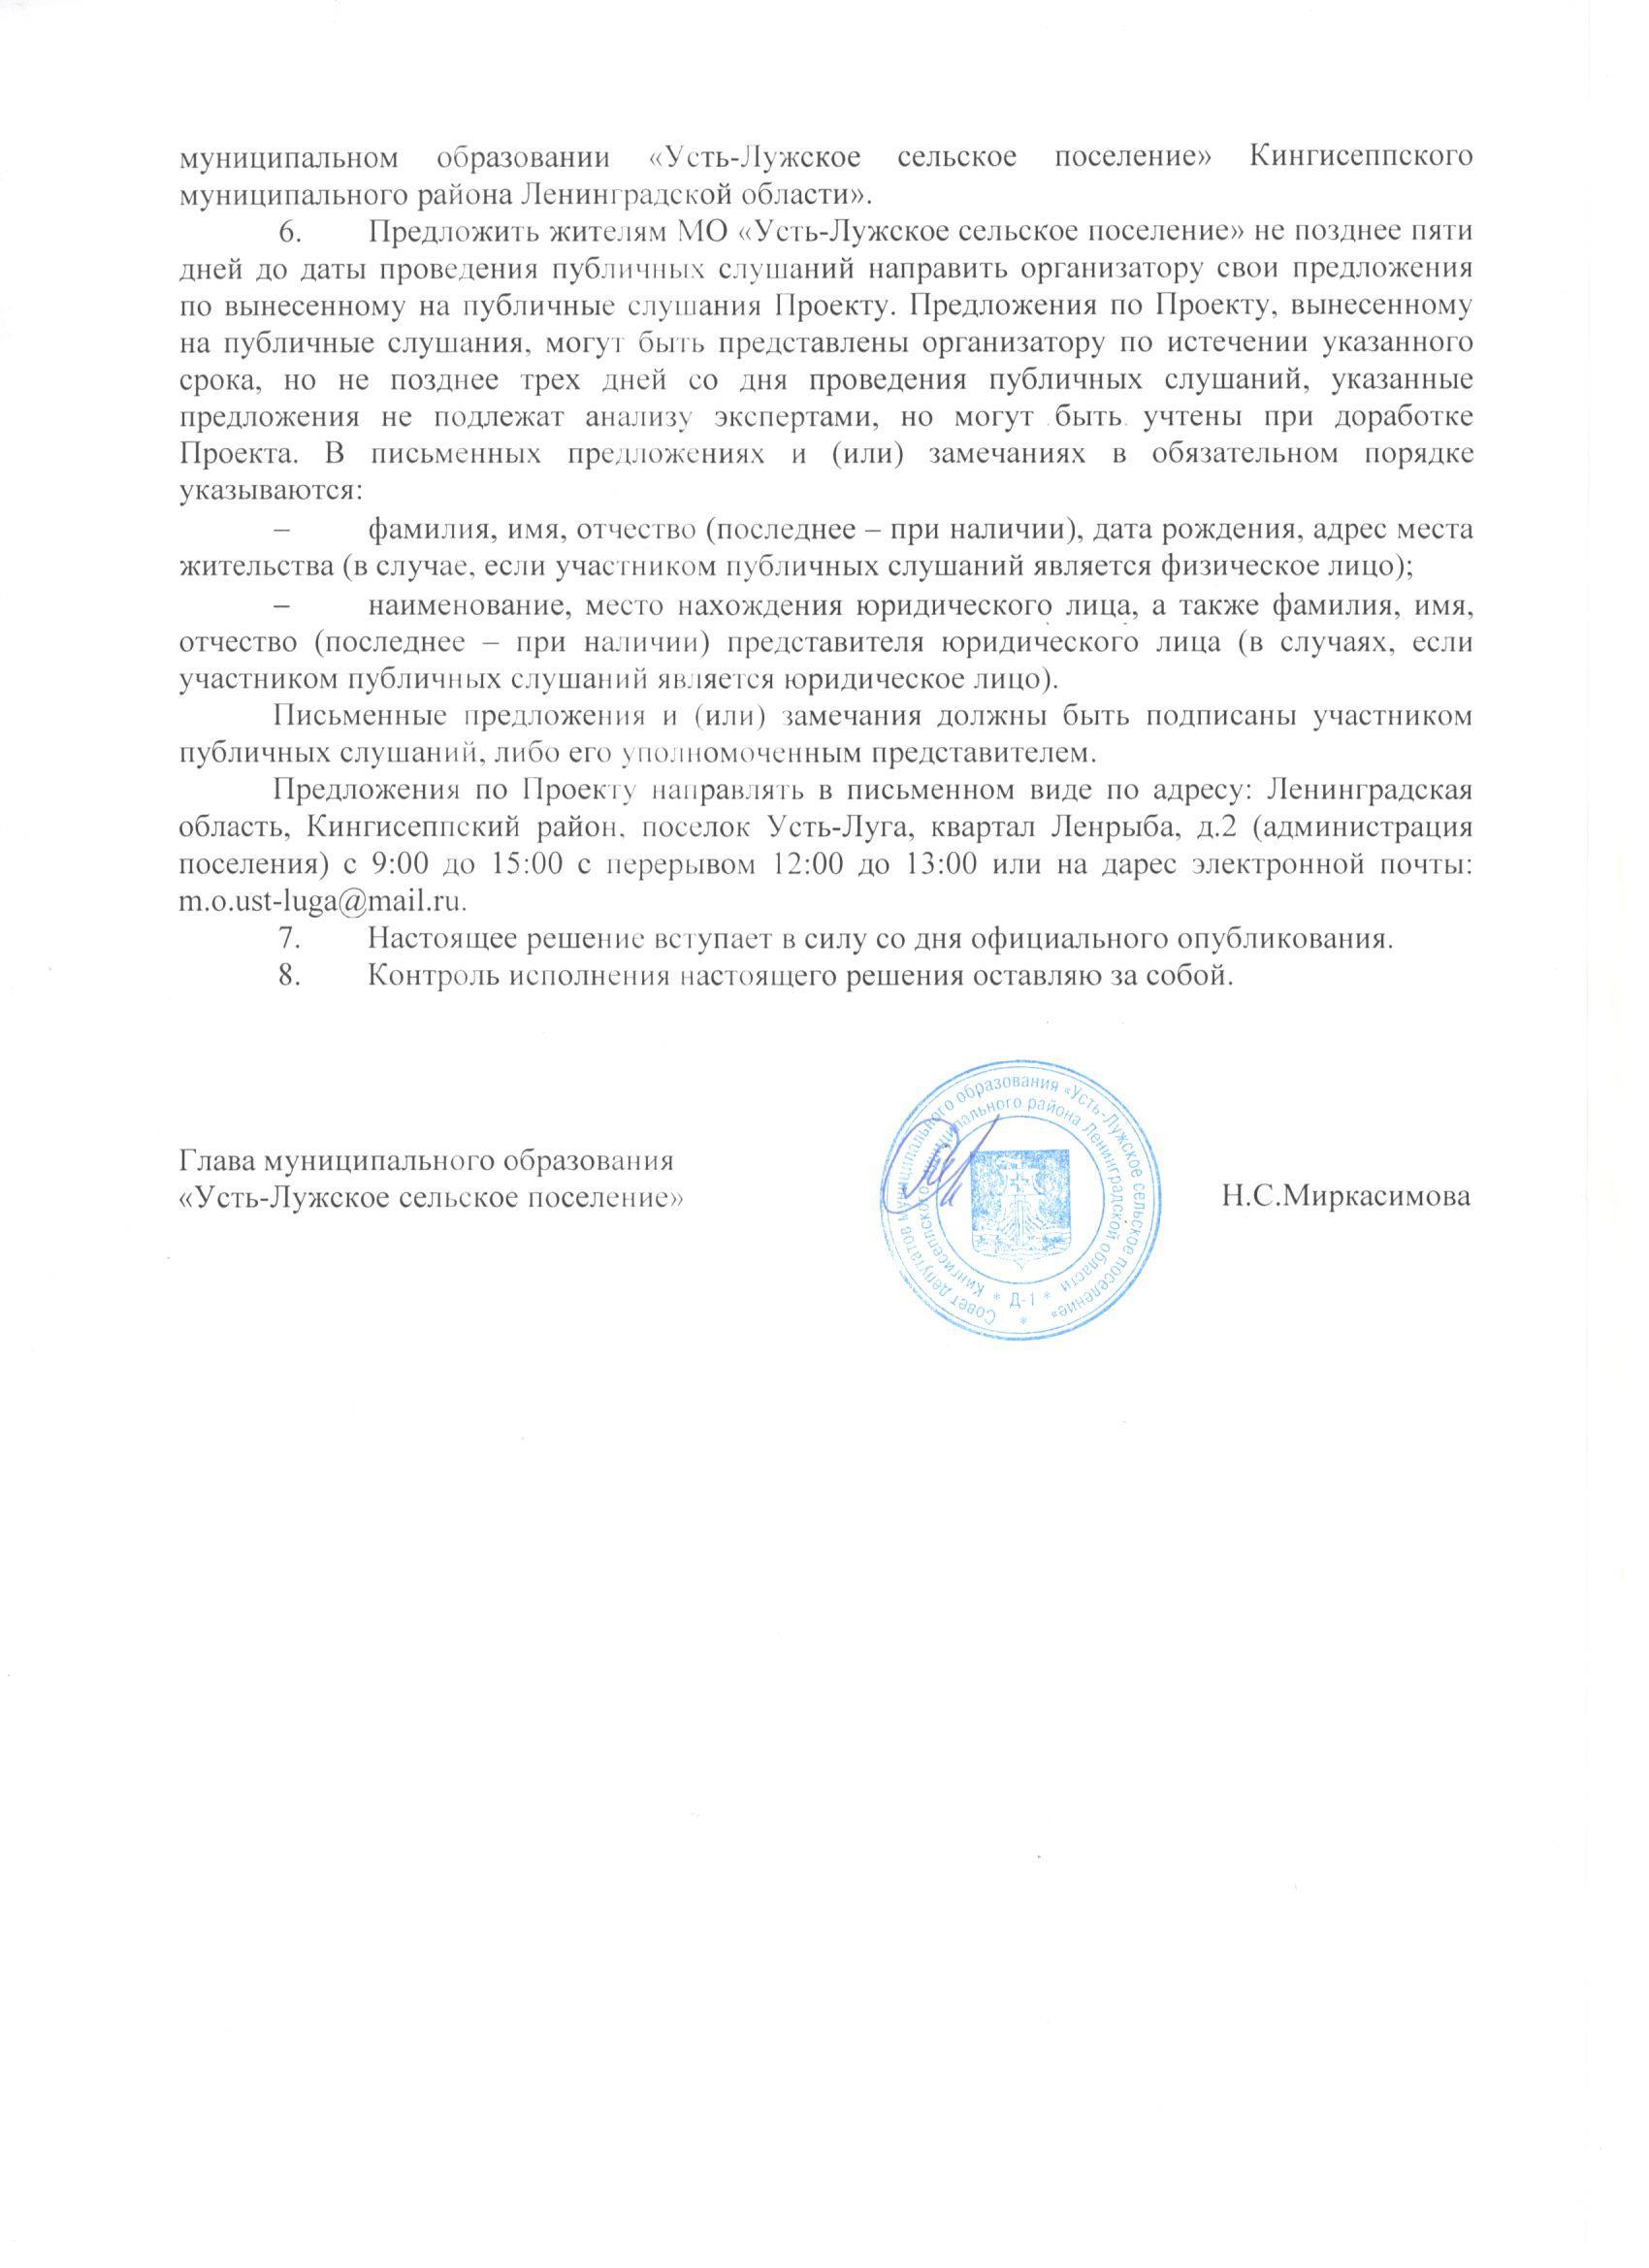 РСД 100 от 20.11.2020 (1)